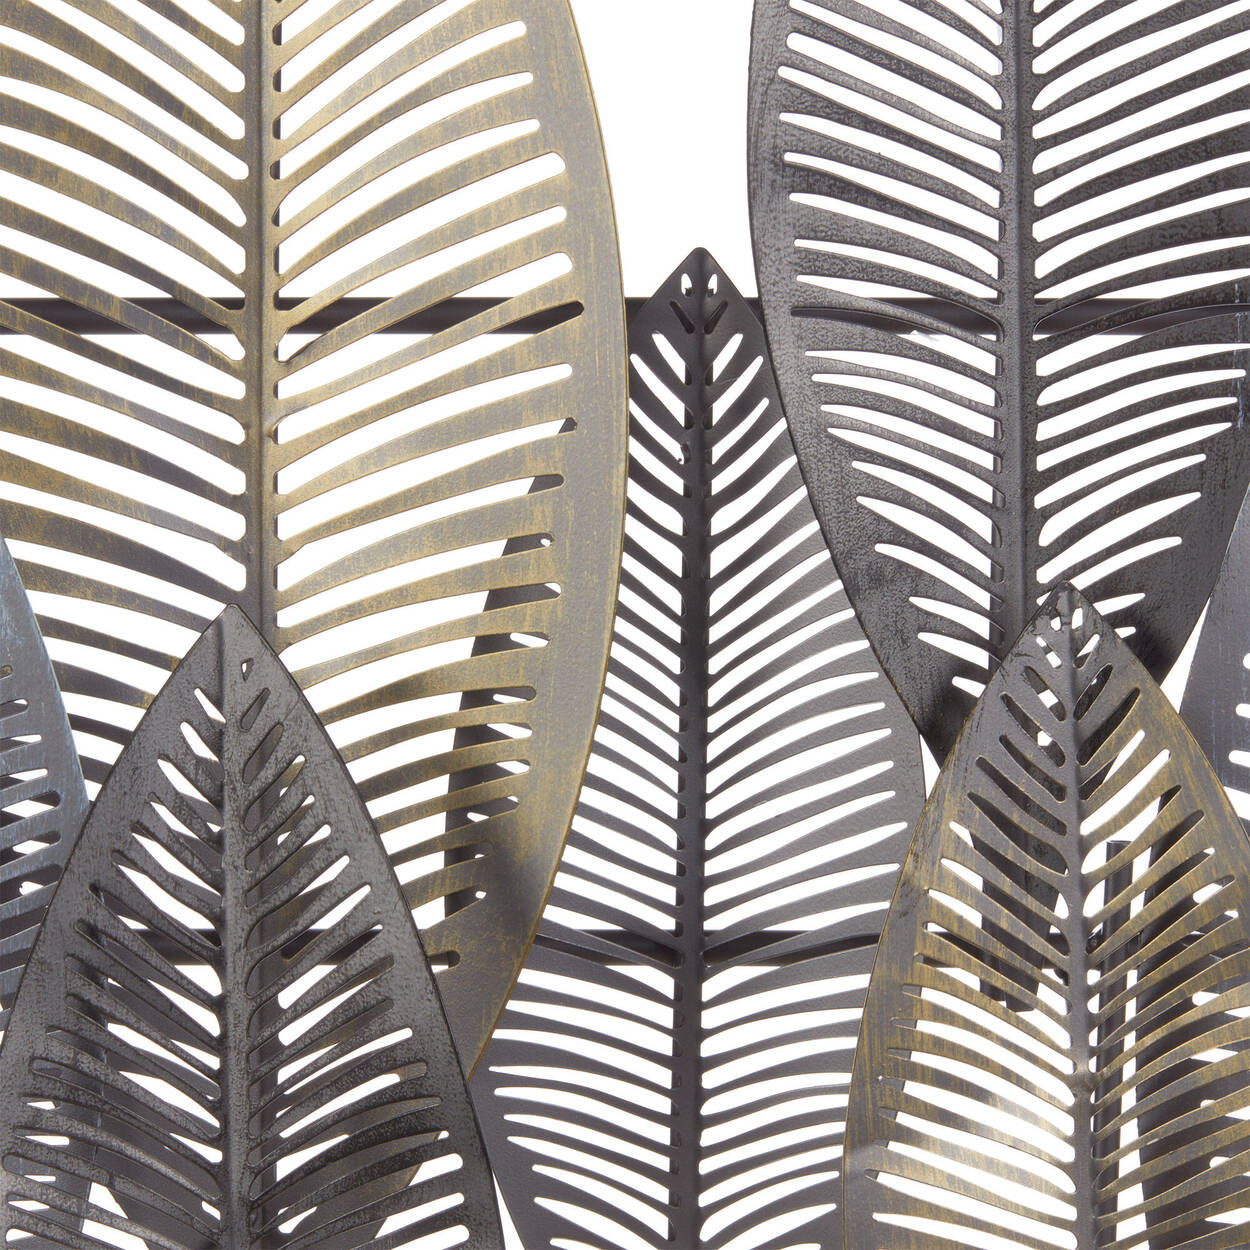 Metal Leaves Wall Art